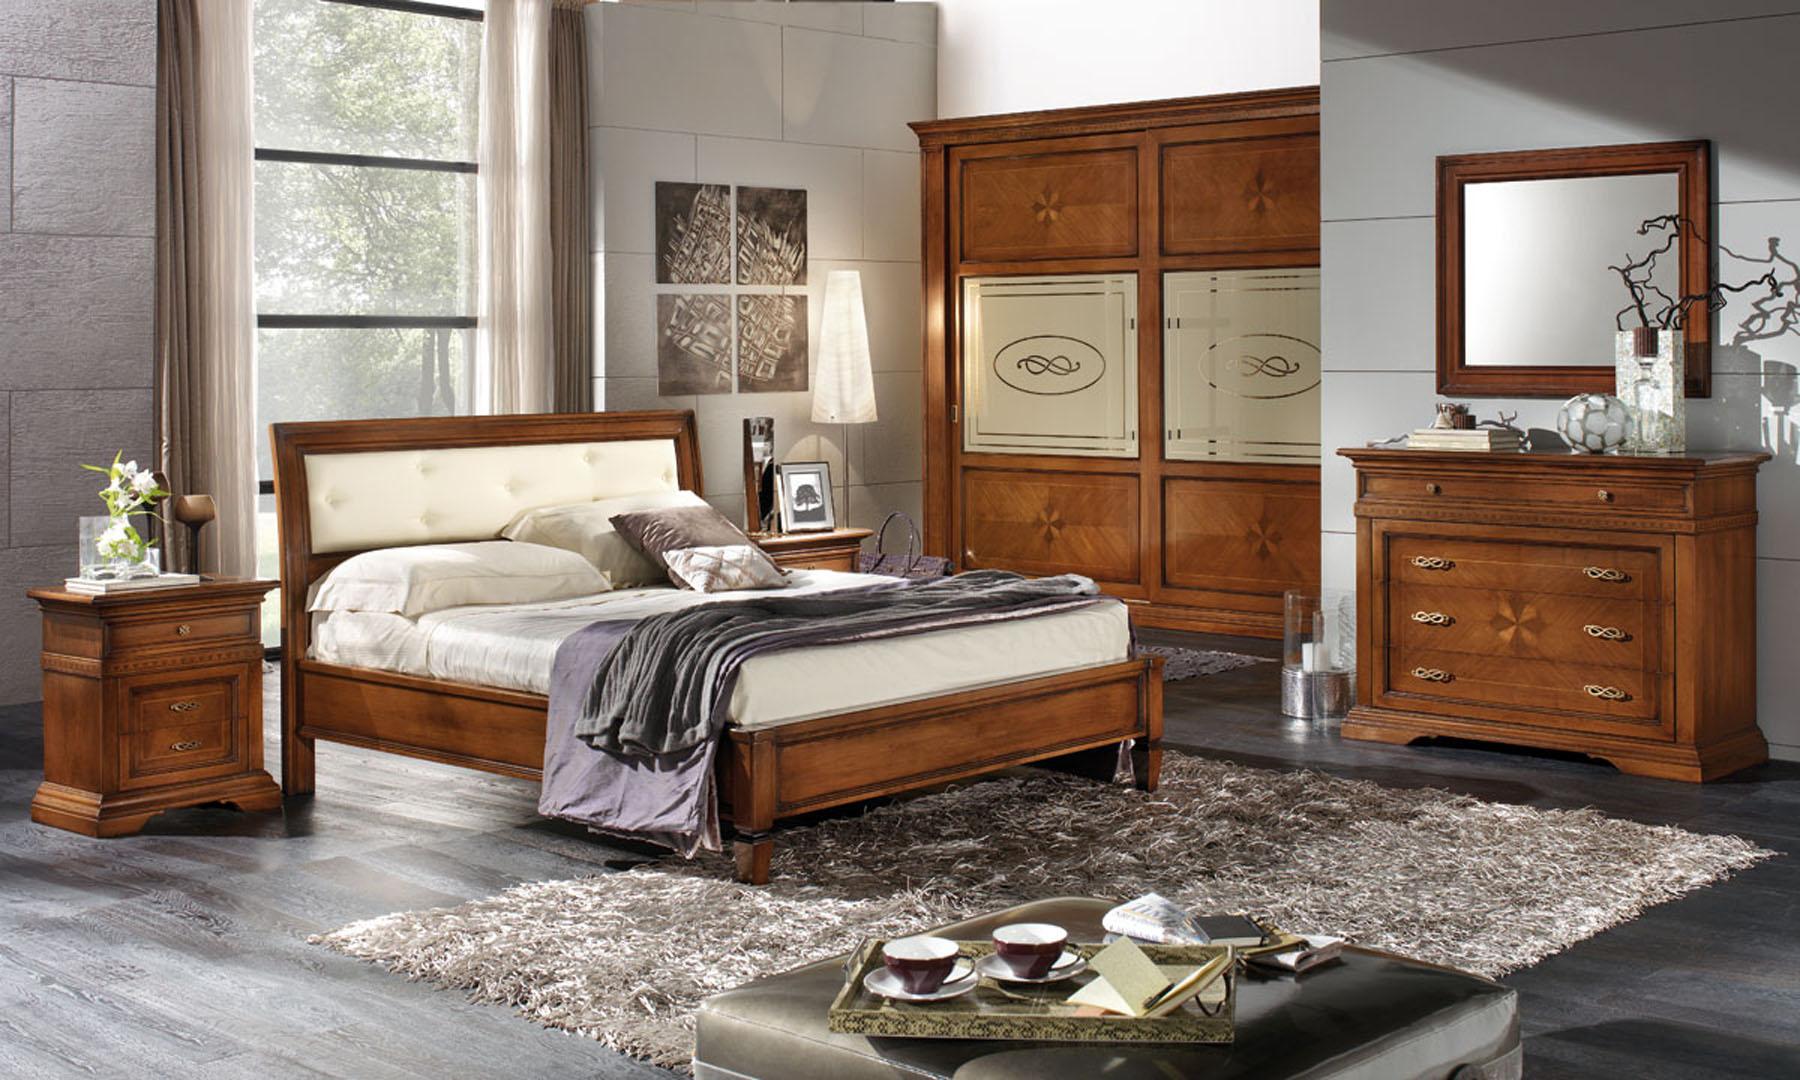 Camere classiche sirigu mobili - Mobili camere da letto classiche ...